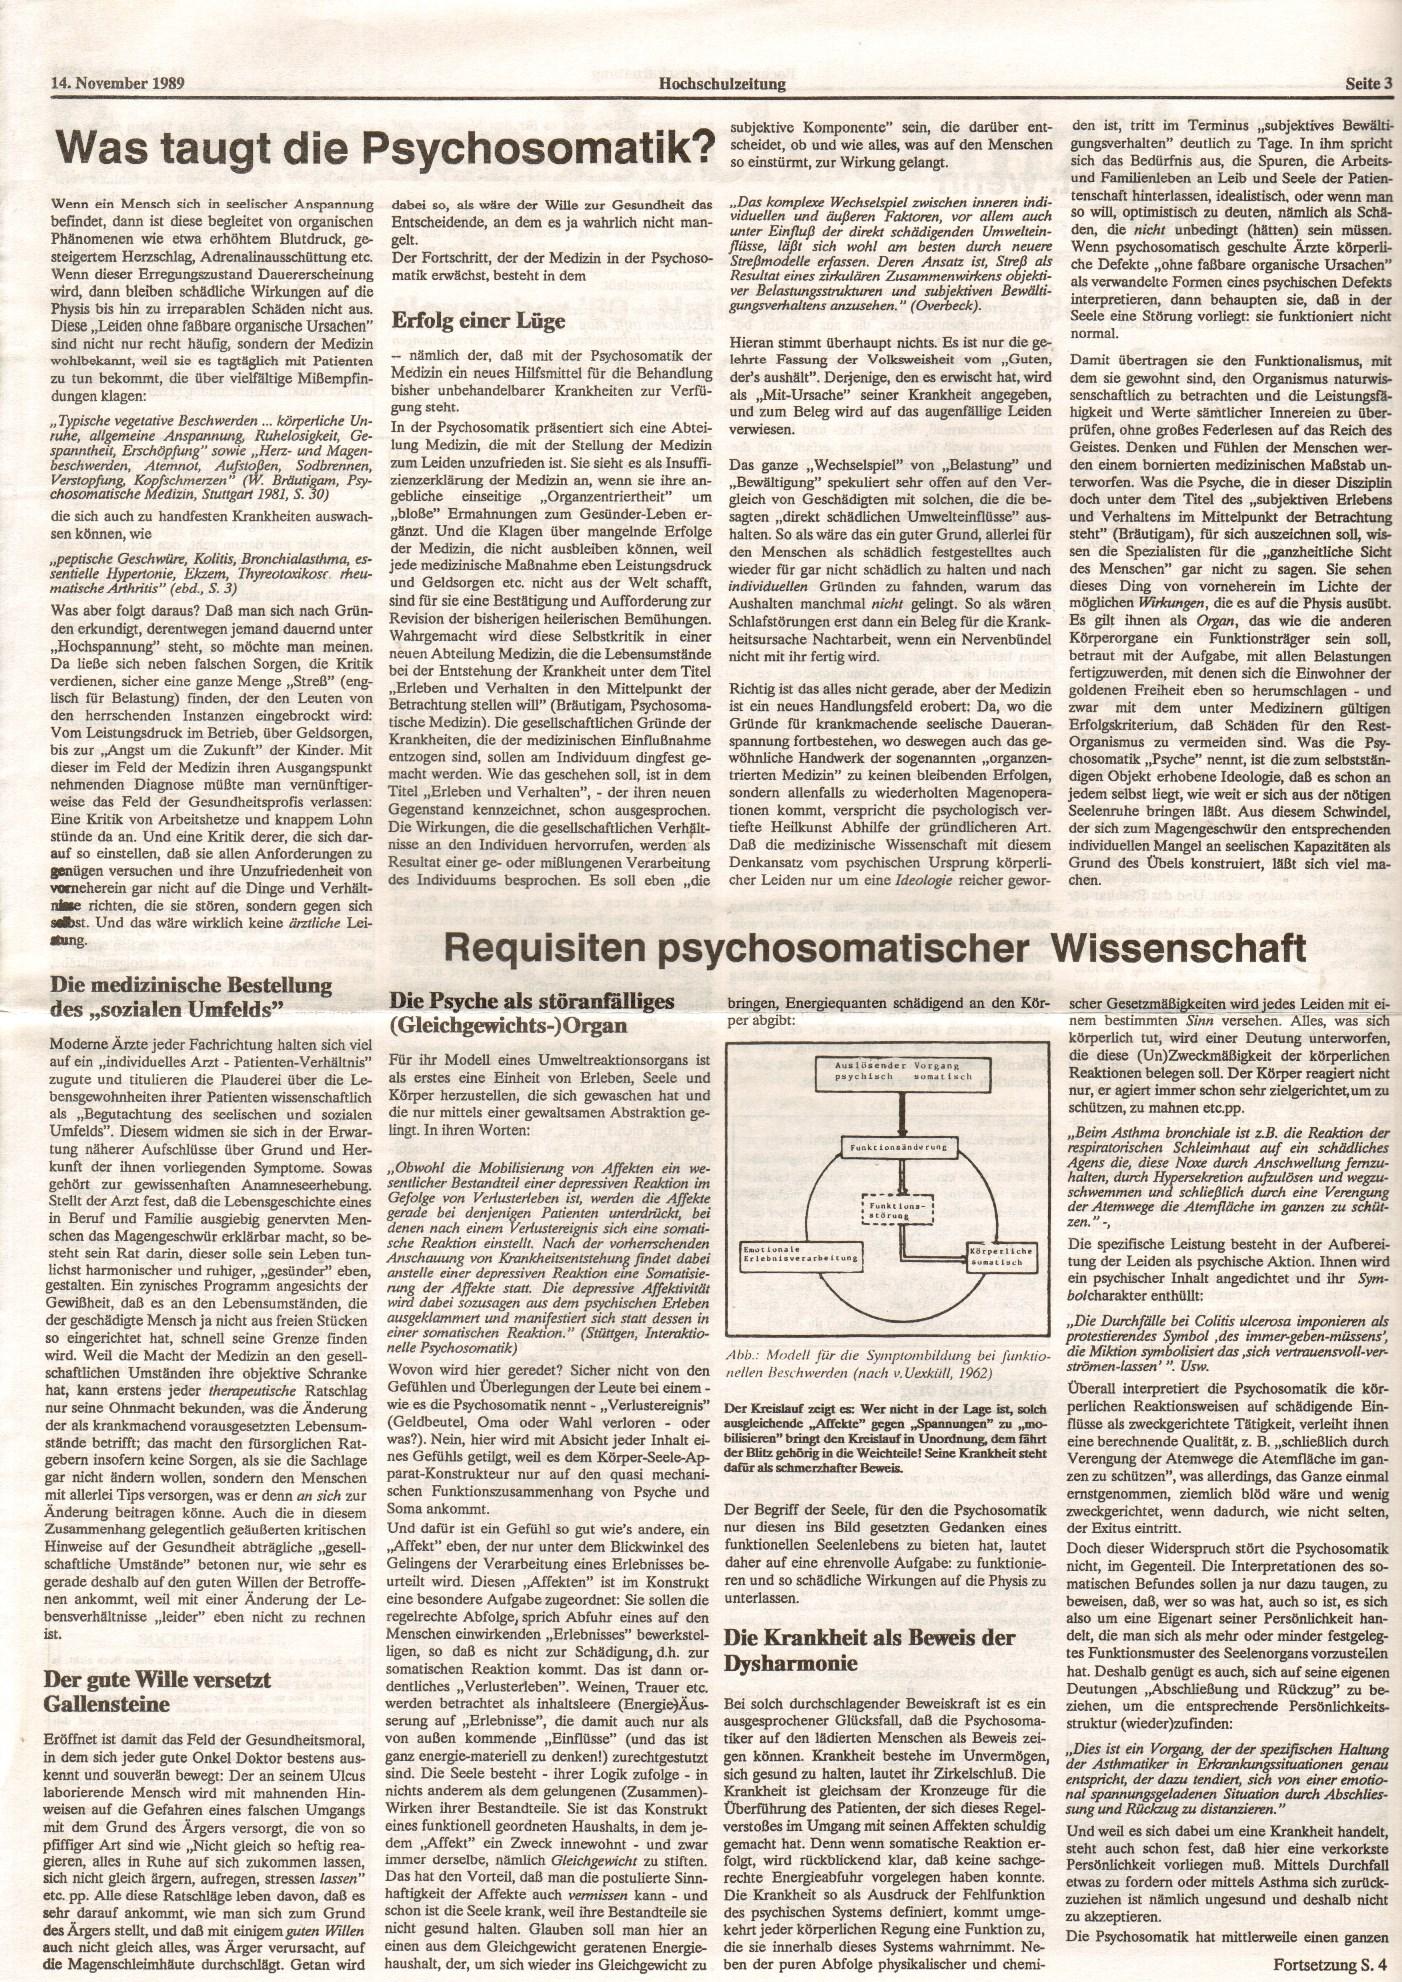 MG_Bochumer_Hochschulzeitung_19891114_03